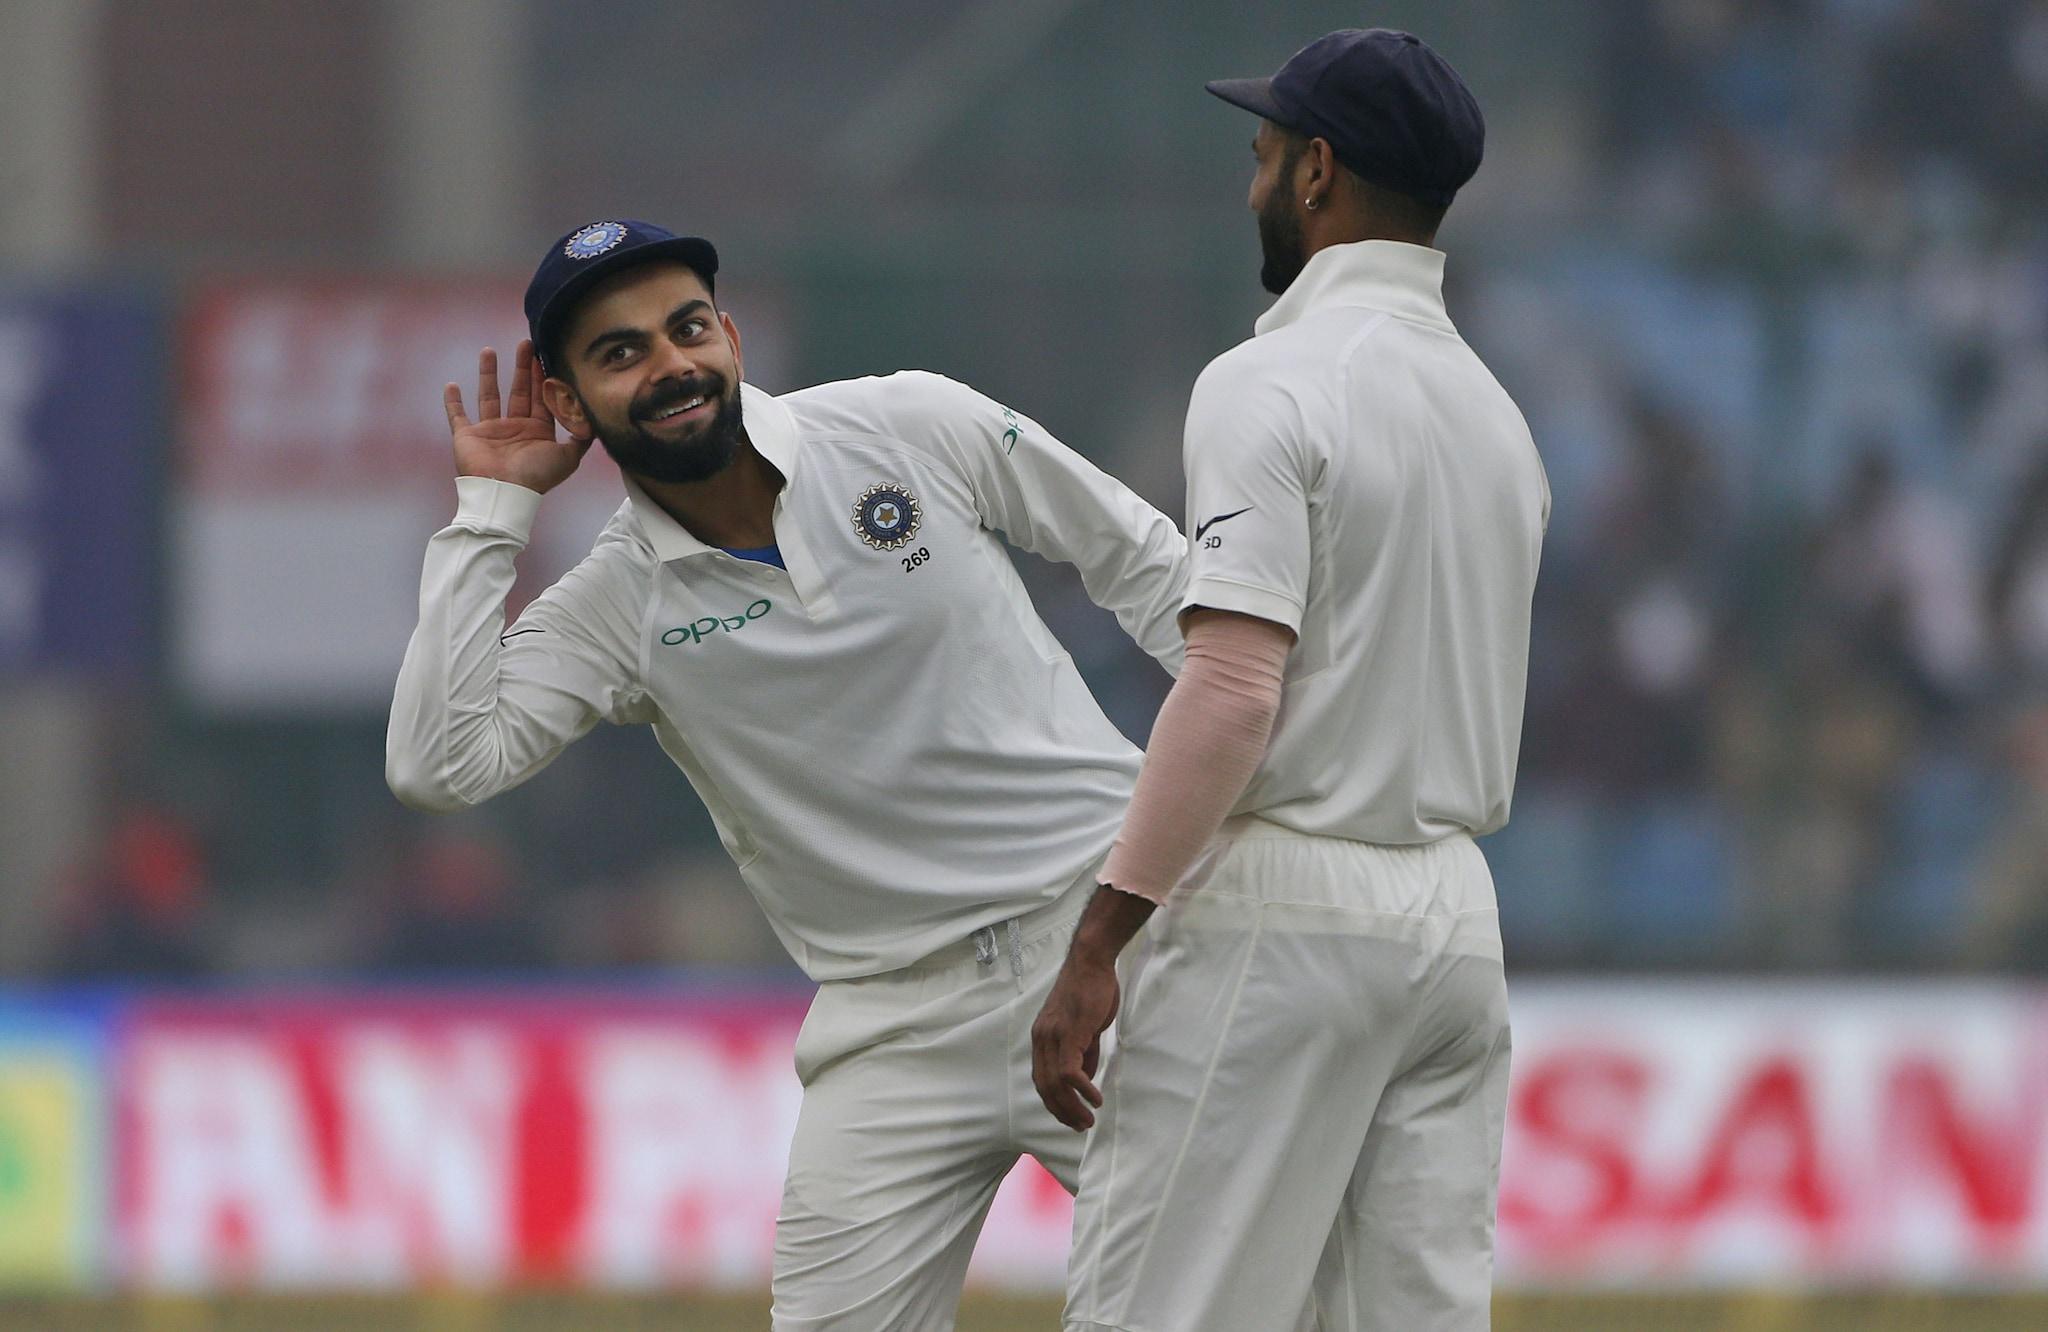 In Pics, India vs Sri Lanka, 3rd Test, Day 4